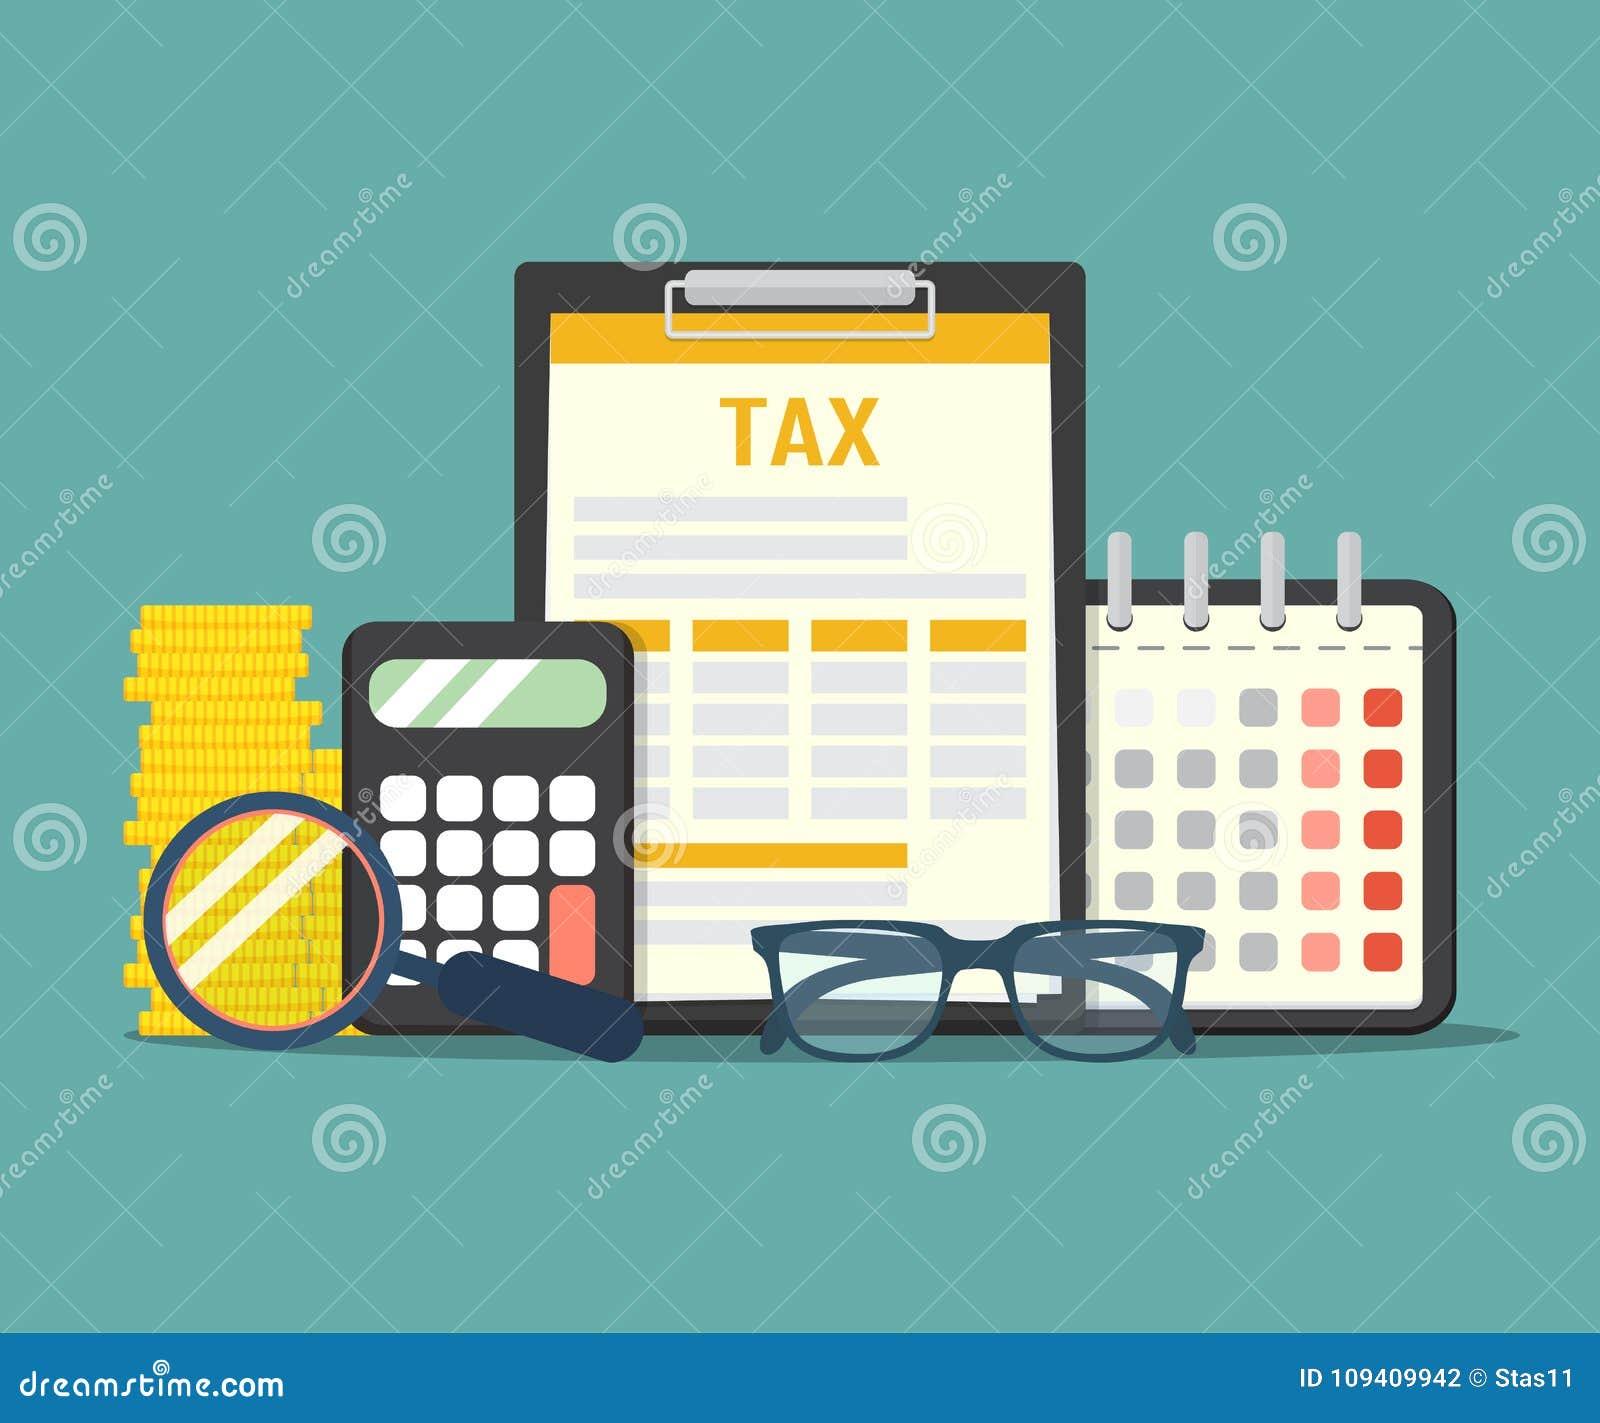 概念付税 数据分析、文书工作、金融研究纳税申报的报告和演算 债务的付款 传染媒介il